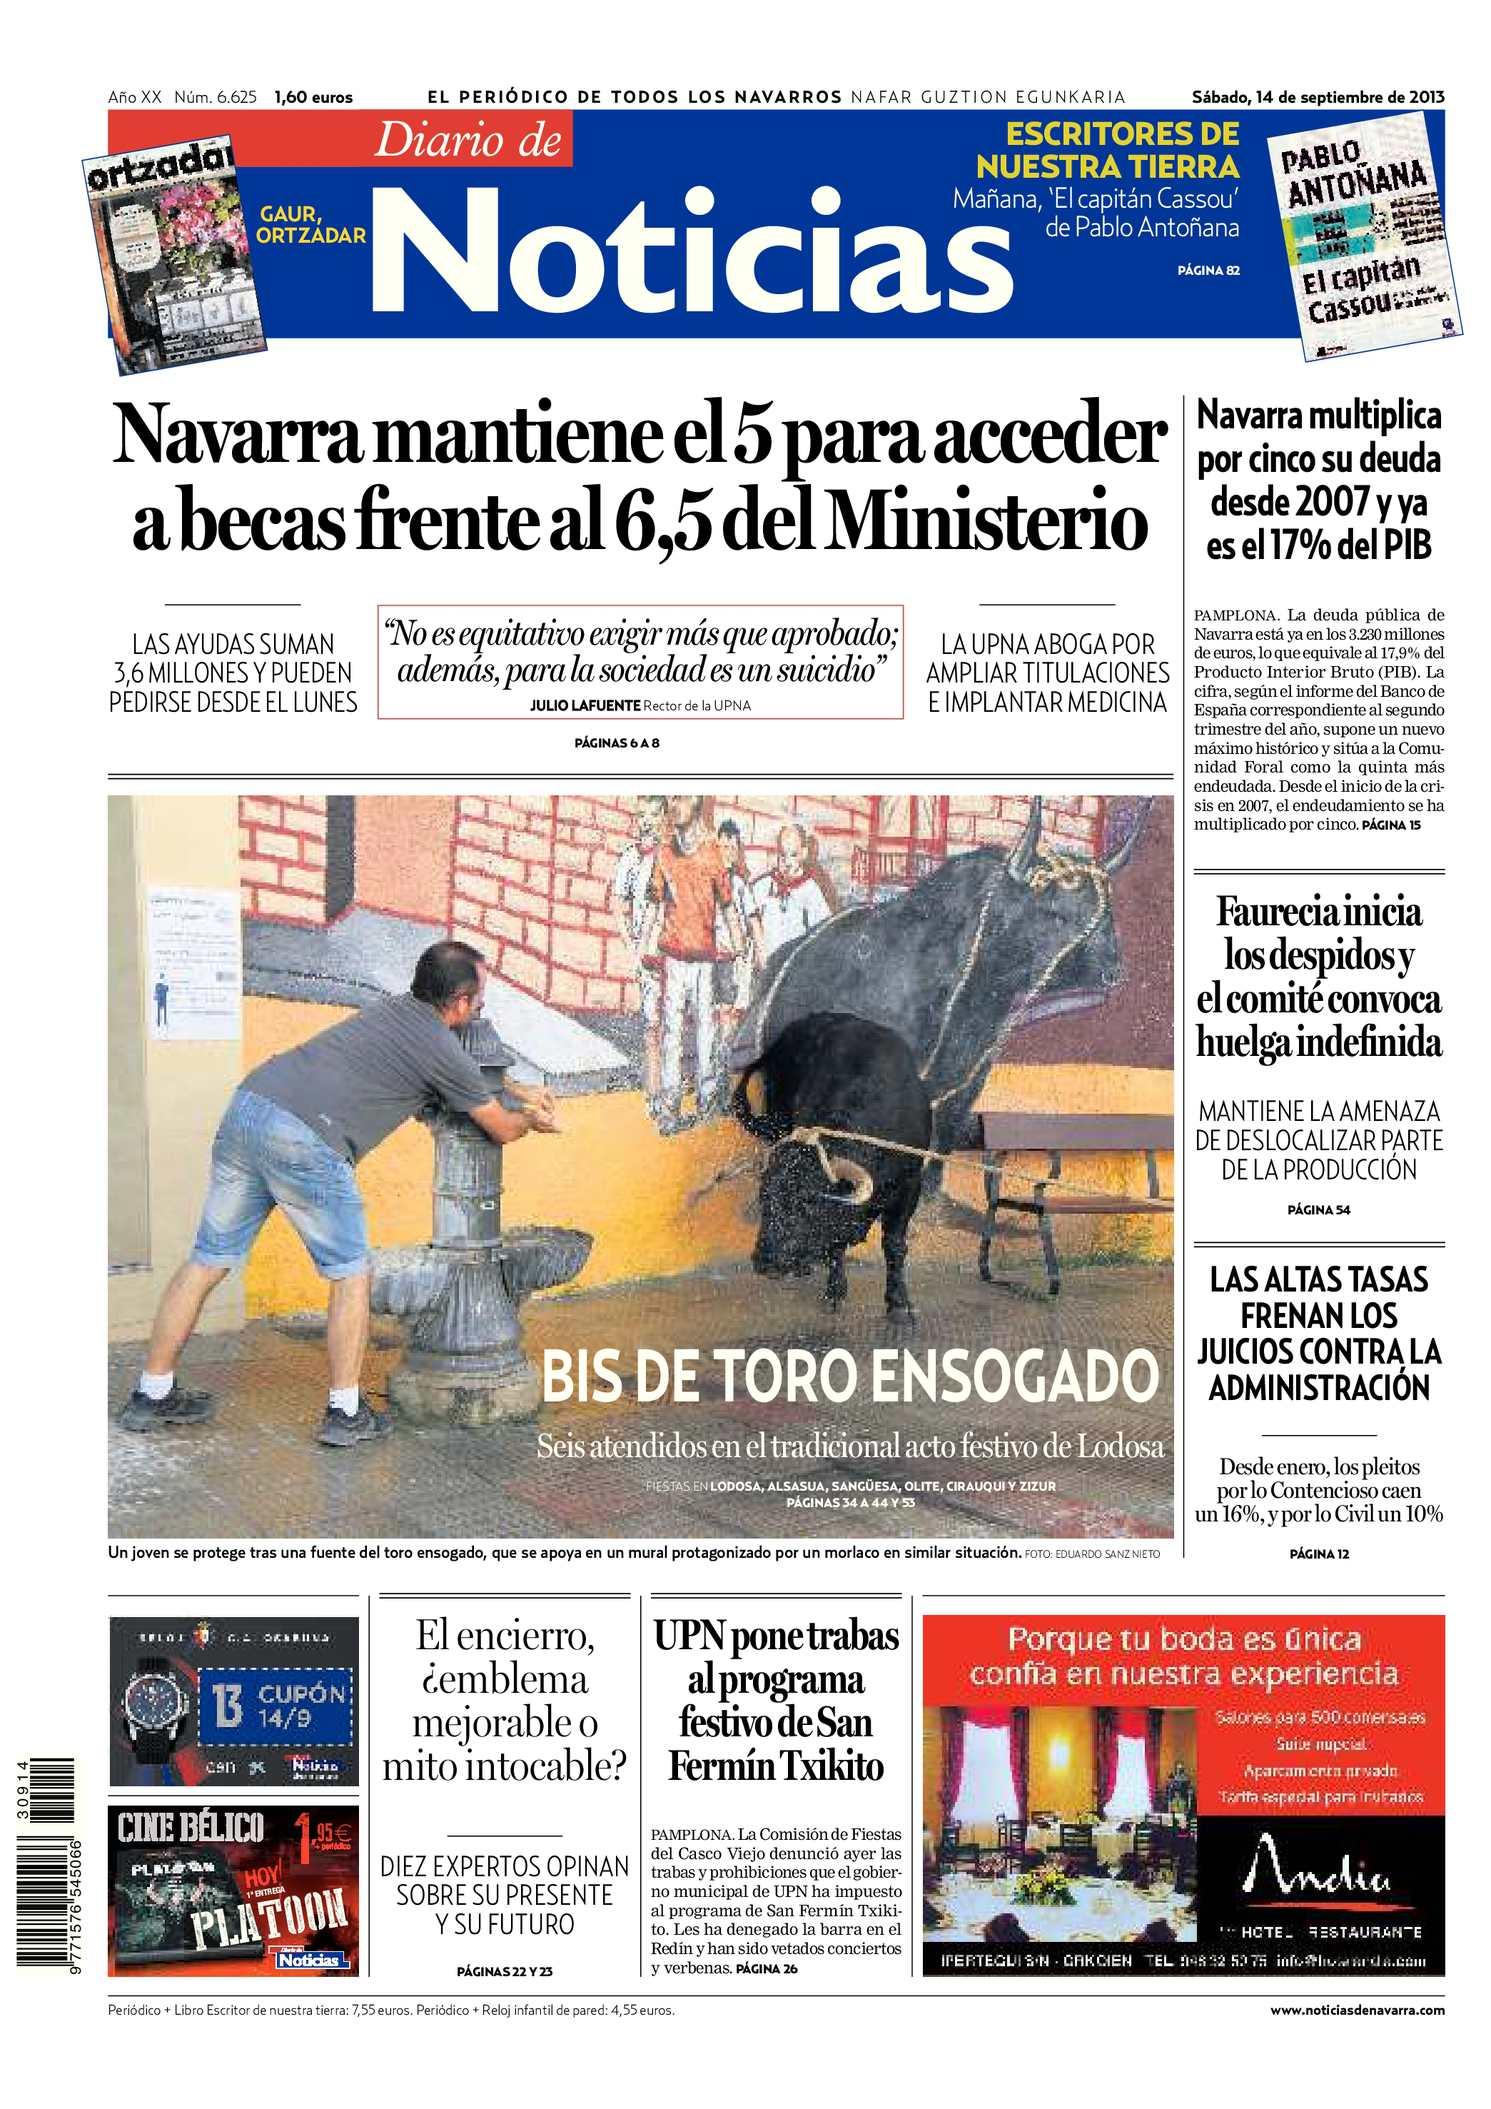 Callejeros Poligoneros Porn calaméo - diario de noticias 20130914